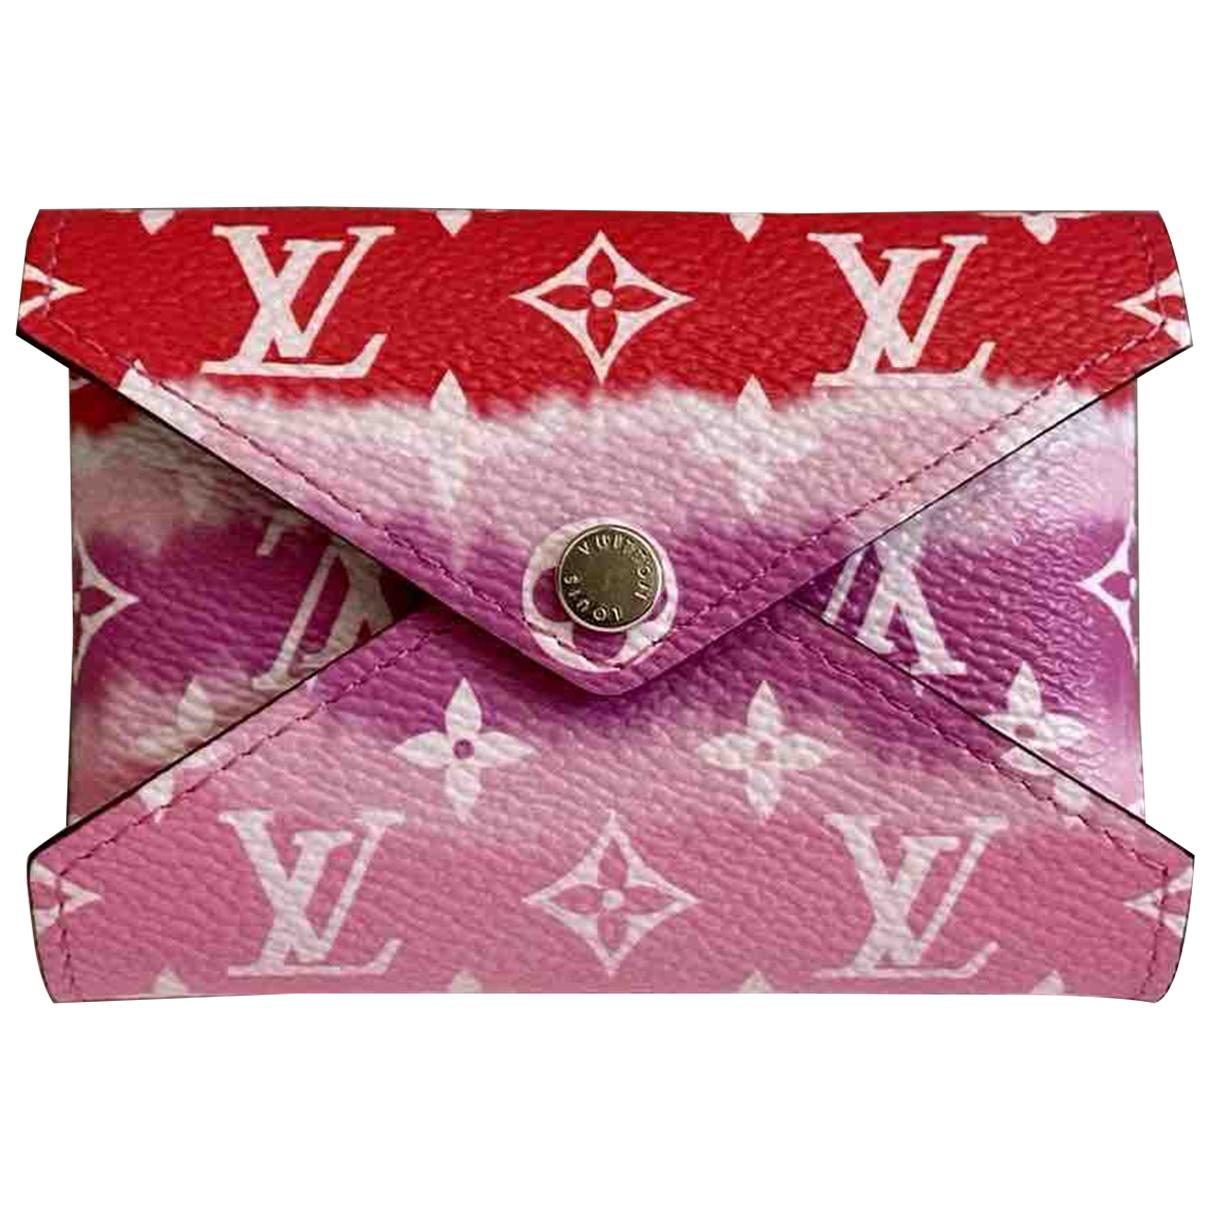 Louis Vuitton - Petite maroquinerie Kirigami pour femme en toile - rouge